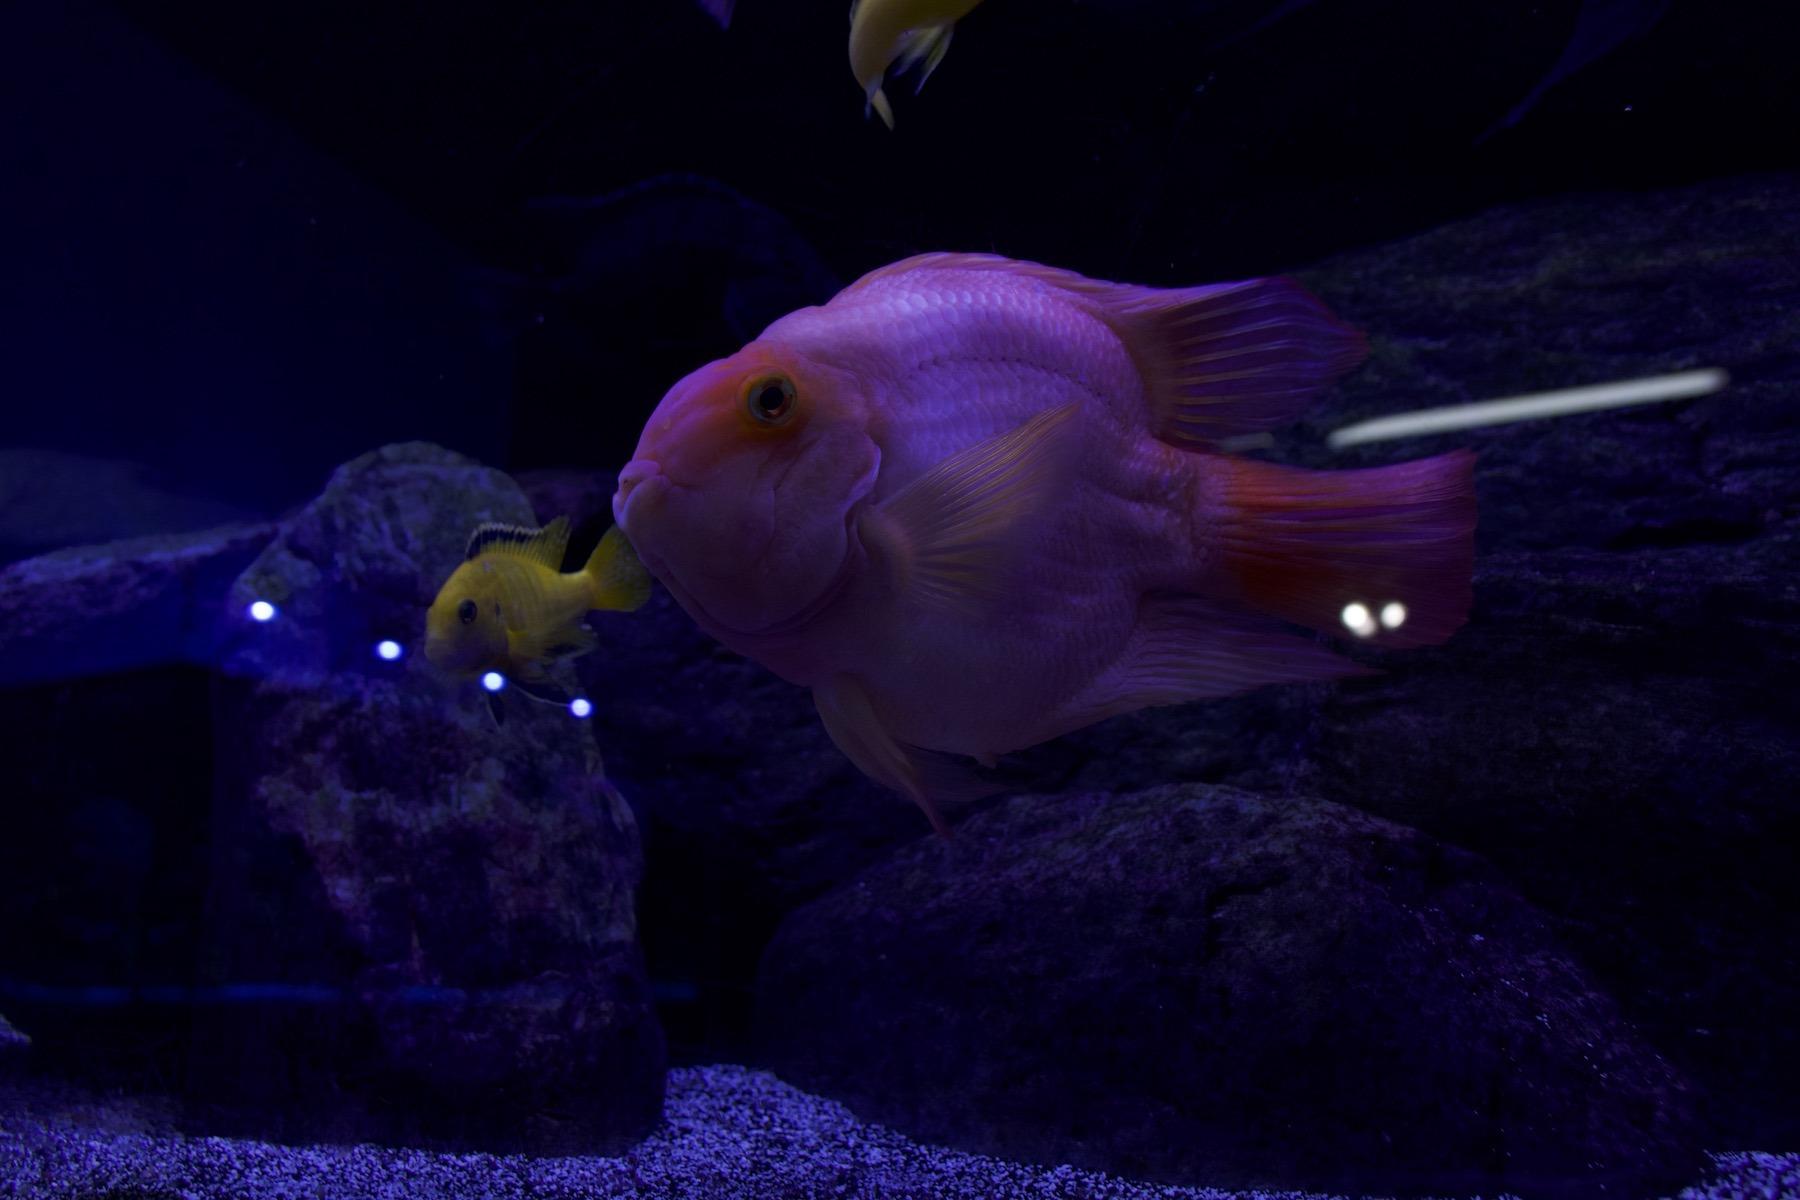 freshwater aquarium with orange exotic fish